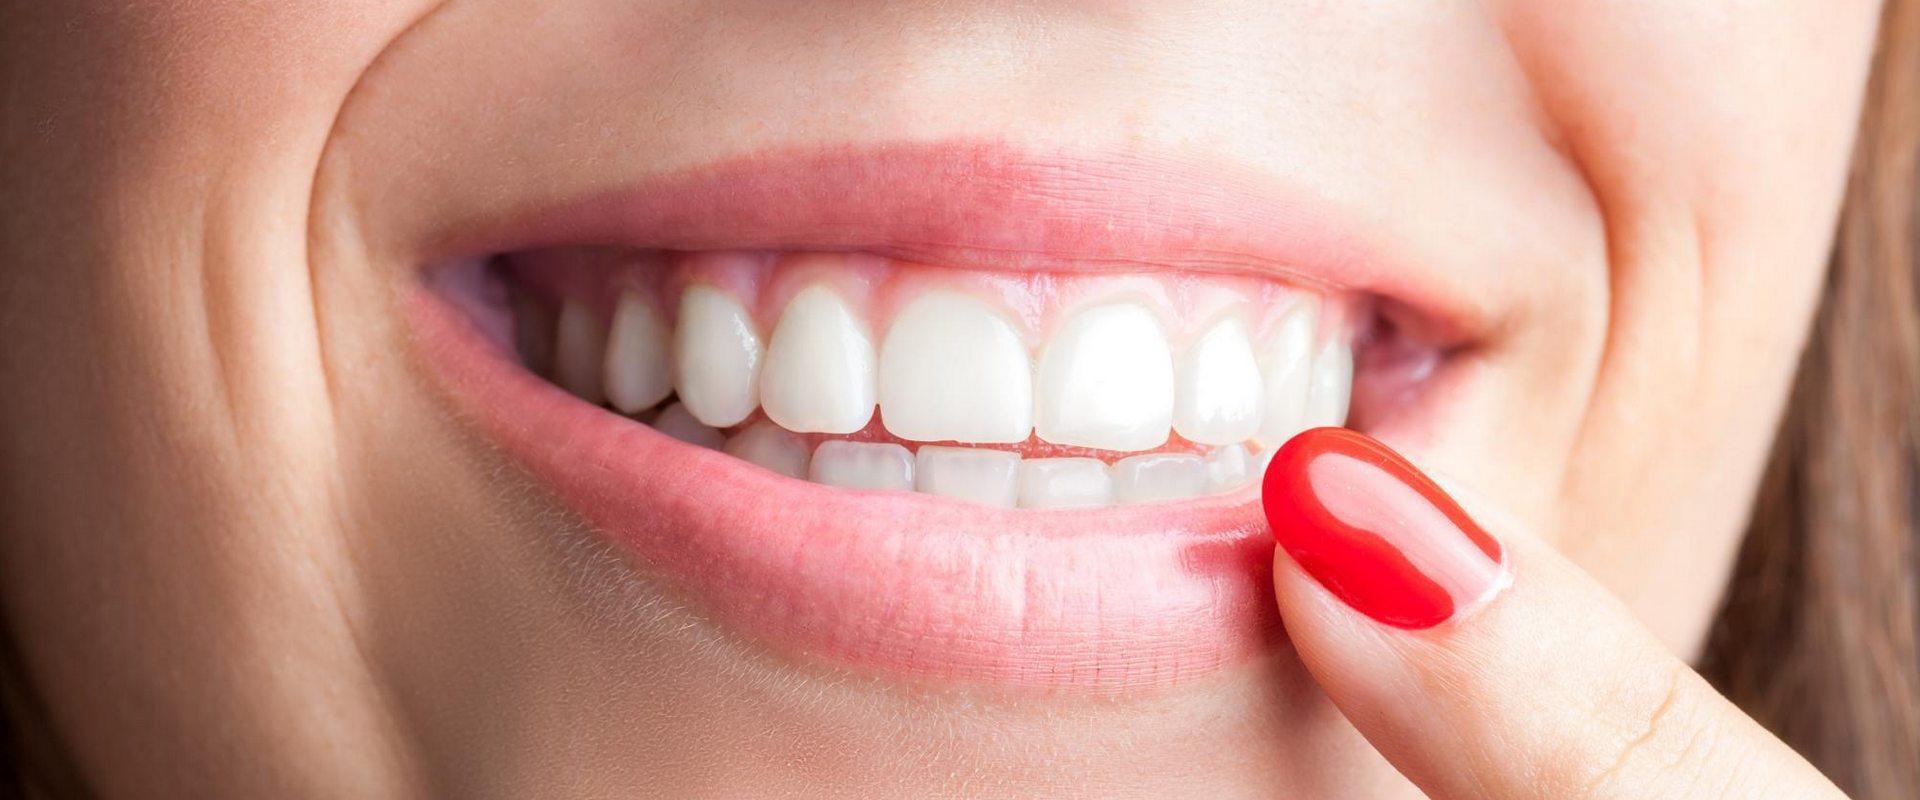 LA solution rapide à tous vos problèmes de prothèse dentaire